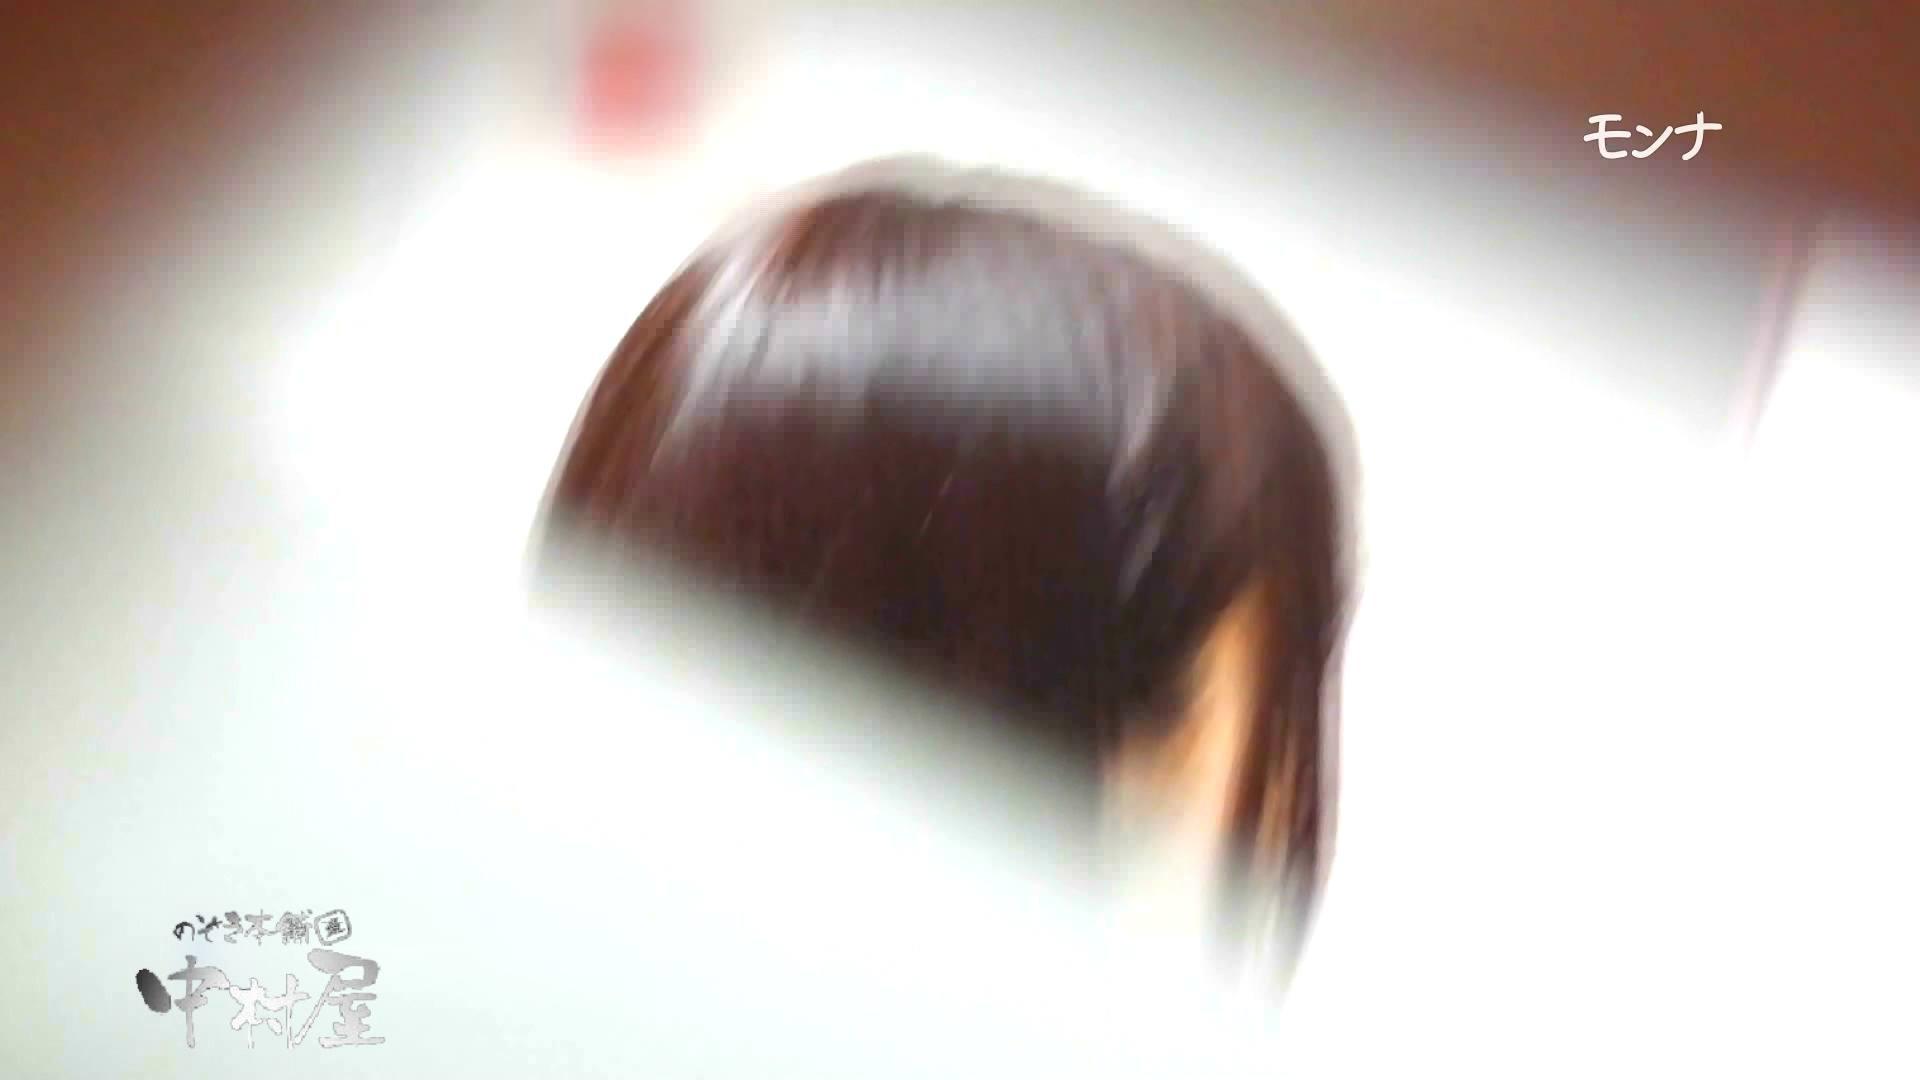 【美しい日本の未来】遂に!!戸田恵梨香似の予告モデル登場ダッシュで「大」後編 盗撮 エロ画像 59画像 35